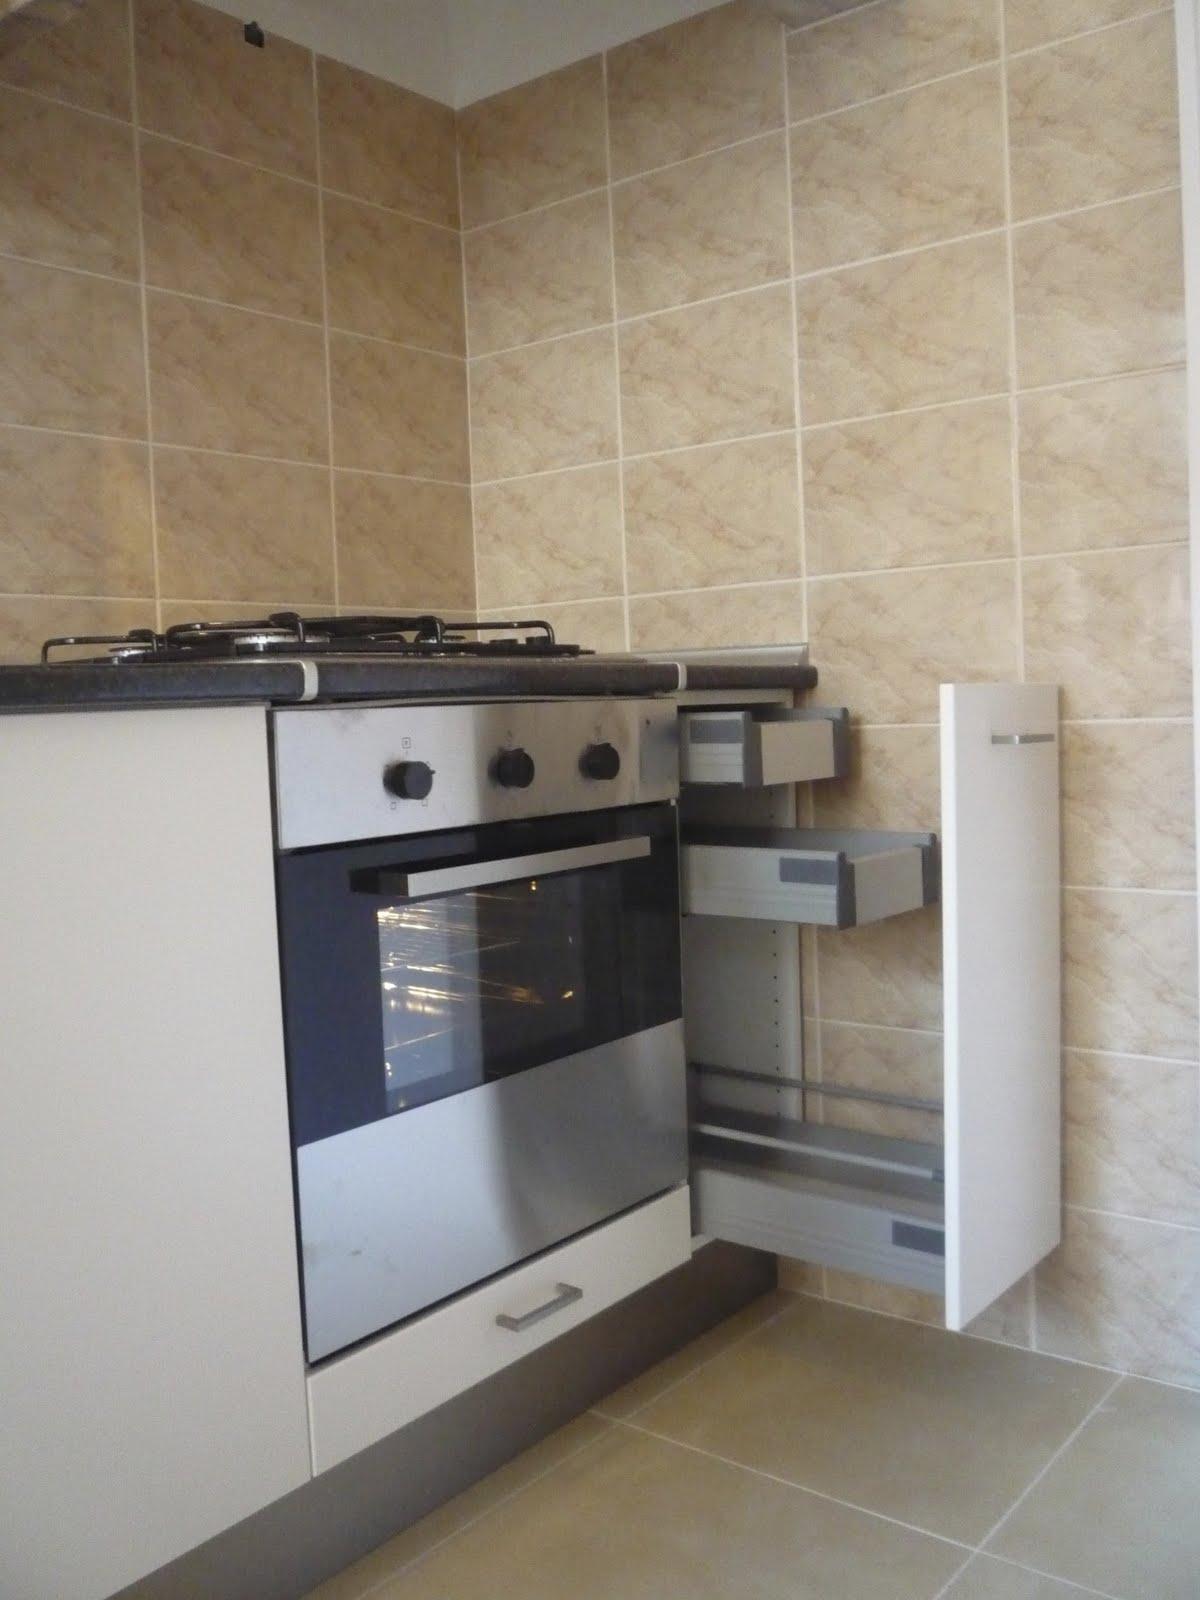 Gonçalves Construção Civil Unipessoal Lda: Montagem cozinhas Ikea #60503D 1200 1600